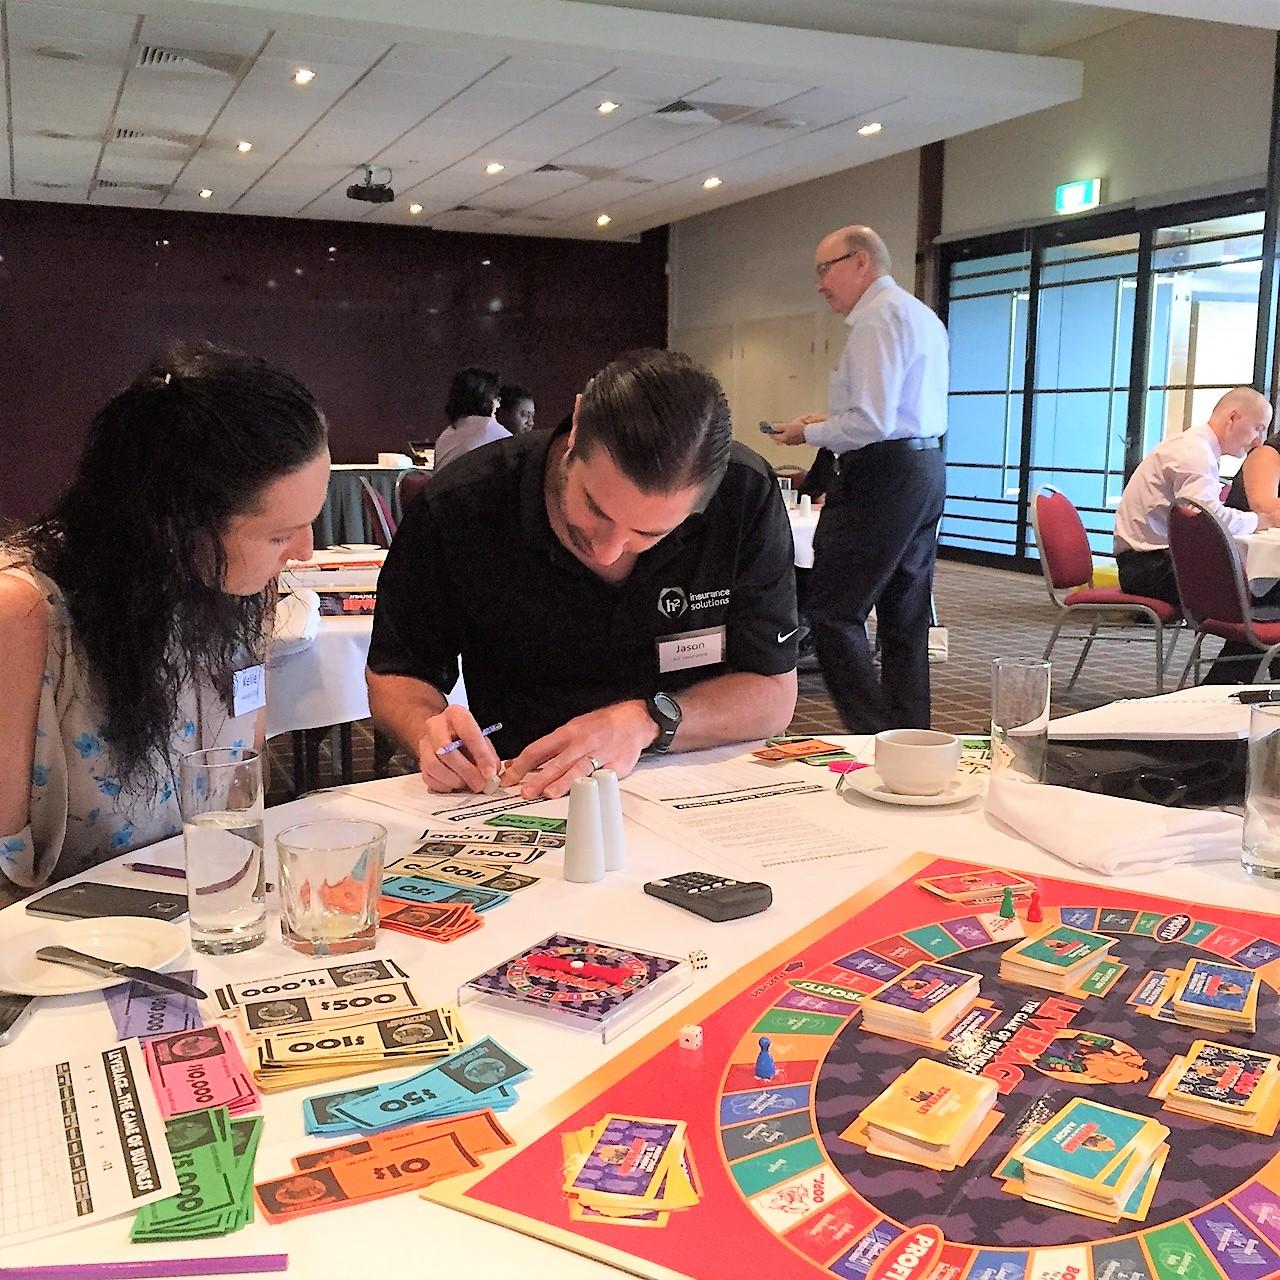 Üzleti szimulációs játék - A Versenyelőny (Leverage) üzleti társasjáték az ActionCOACH alapvető módszertani összefüggéseit játékos formában állítja a középpontba: arra a kérdésre kaphatunk választ, hogy miből is lesz profit egy vállalkozásban.A játék lehetőséget ad a piaci versenytársak kijátszására, profitnövelő megoldások elsajátítására, körmönfont megoldások kitalálására.Magával ragadó társasági élményt nyújt a játékosoknak, mely ismeretségek és barátságok kötését is elősegíti.